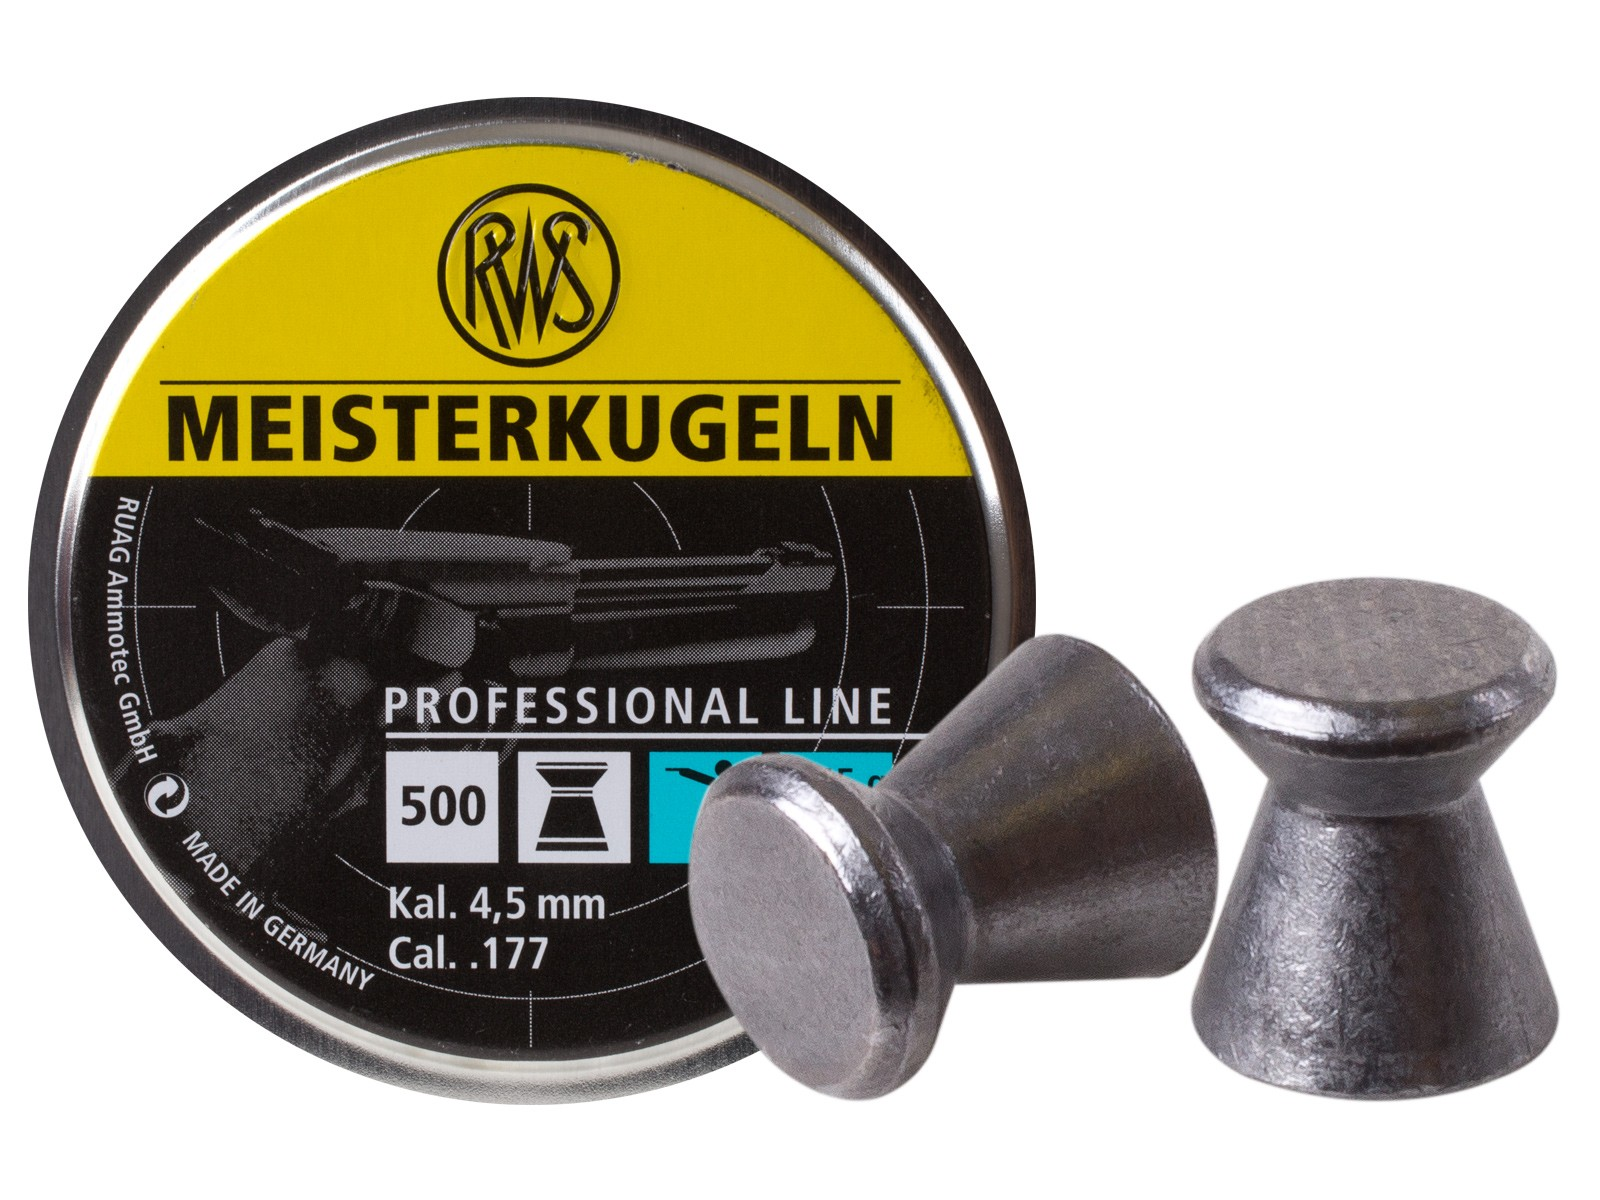 RWS Meisterkugeln Pistol